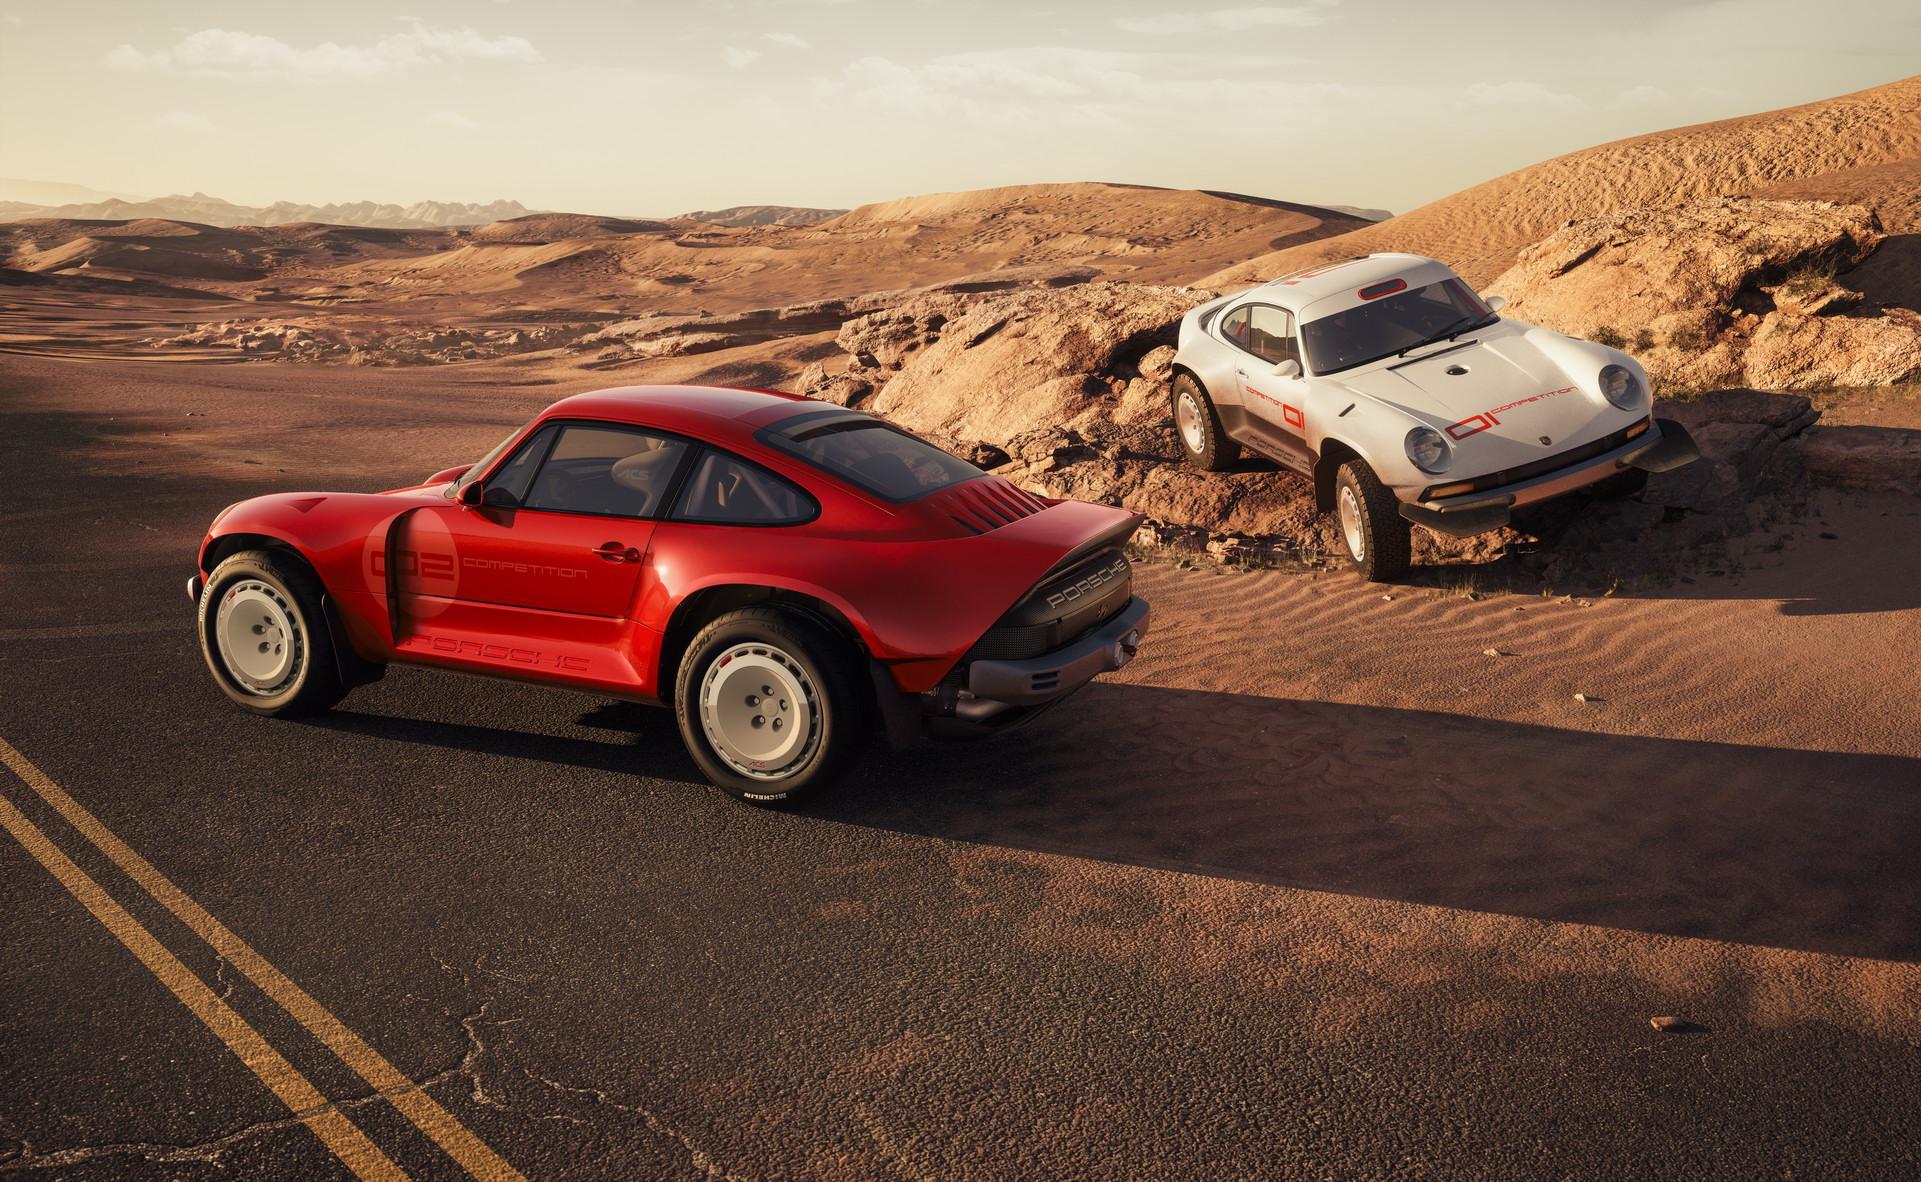 Singer Cria Dois Porsche 911 De Rali Que Sao Verdadeiras Obras De Arte Quatro Rodas